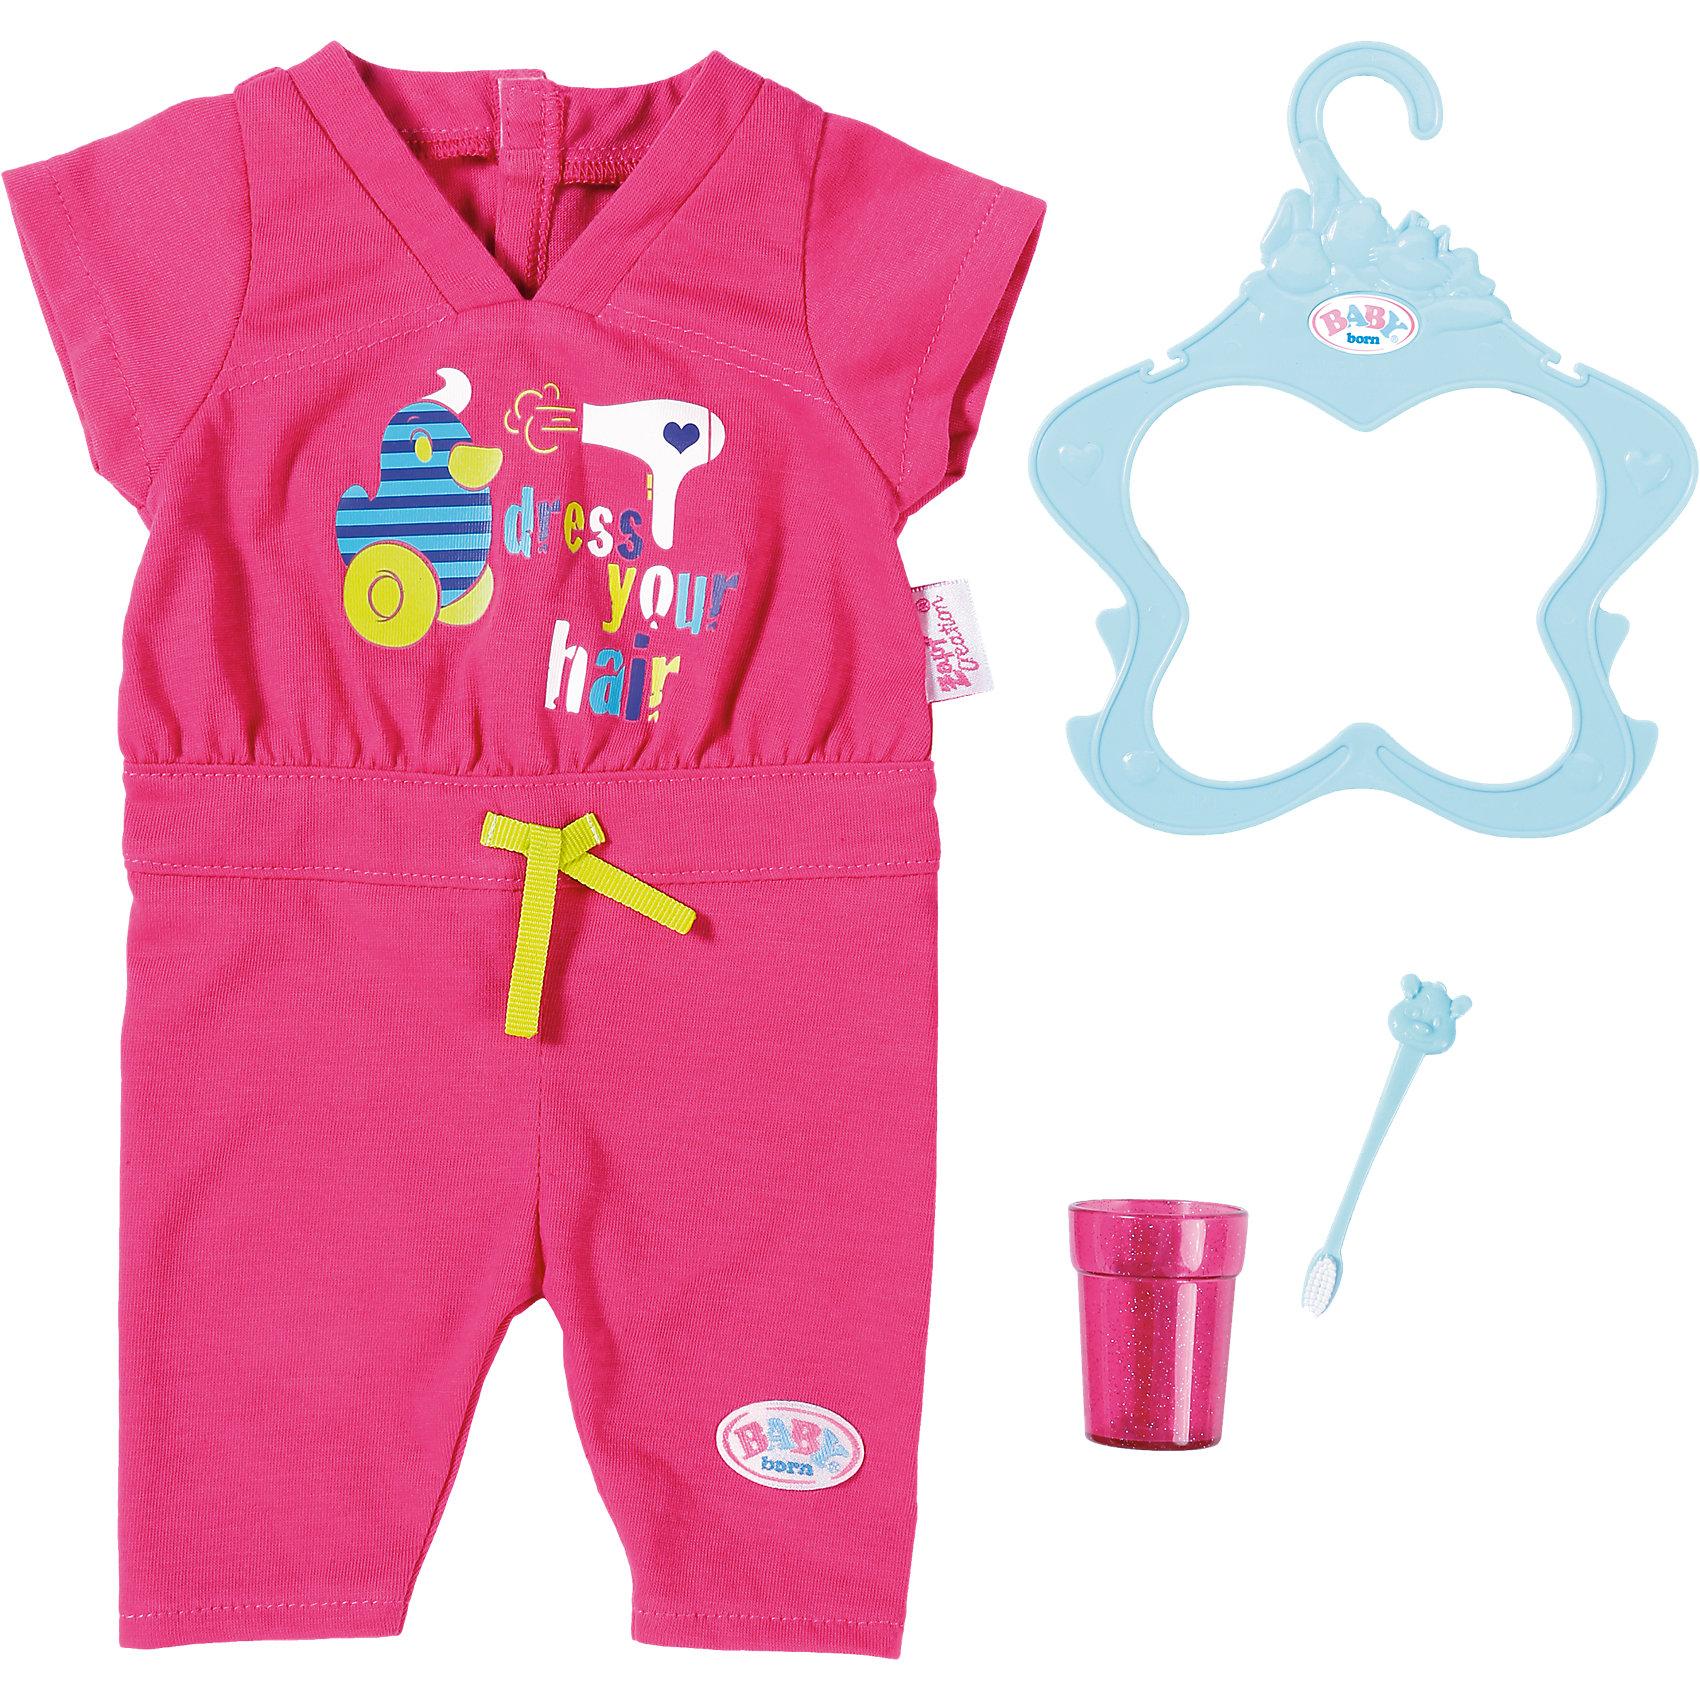 Пижама, зубная щетка и стаканчик, BABY bornОдежда для кукол<br>Пижама, зубная щетка и стаканчик, BABY born <br><br>Характеристики:<br><br>• В набор входит: пижама, вешалка, зубная щётка и стаканчик<br>• Состав: текстиль, пластик<br>• Размер упаковки: 40 * 5 * 18,5 см.<br>• Для детей в возрасте: от 3 до 7 лет<br>• Страна производитель: Китай<br><br>С новым домашним набором для куклы ребёнок сможет продолжать свои игры, делая их ещё веселее. Нежная розовая пижамка-комбинезончик легко снимается, благодаря застёжке-липучке. Стаканчик и зубная щёточка выглядят как настоящие и приведут хозяйку куклы в восторг. Это фирменный комплект одежды для кукол, поэтому она подойдёт к любой кукле бренда BABY born (Бейби Бон).<br><br>Пижаму, зубную щетку и стаканчик, BABY born можно купить в нашем интернет-магазине.<br><br>Ширина мм: 374<br>Глубина мм: 187<br>Высота мм: 23<br>Вес г: 140<br>Возраст от месяцев: 36<br>Возраст до месяцев: 60<br>Пол: Женский<br>Возраст: Детский<br>SKU: 5030823